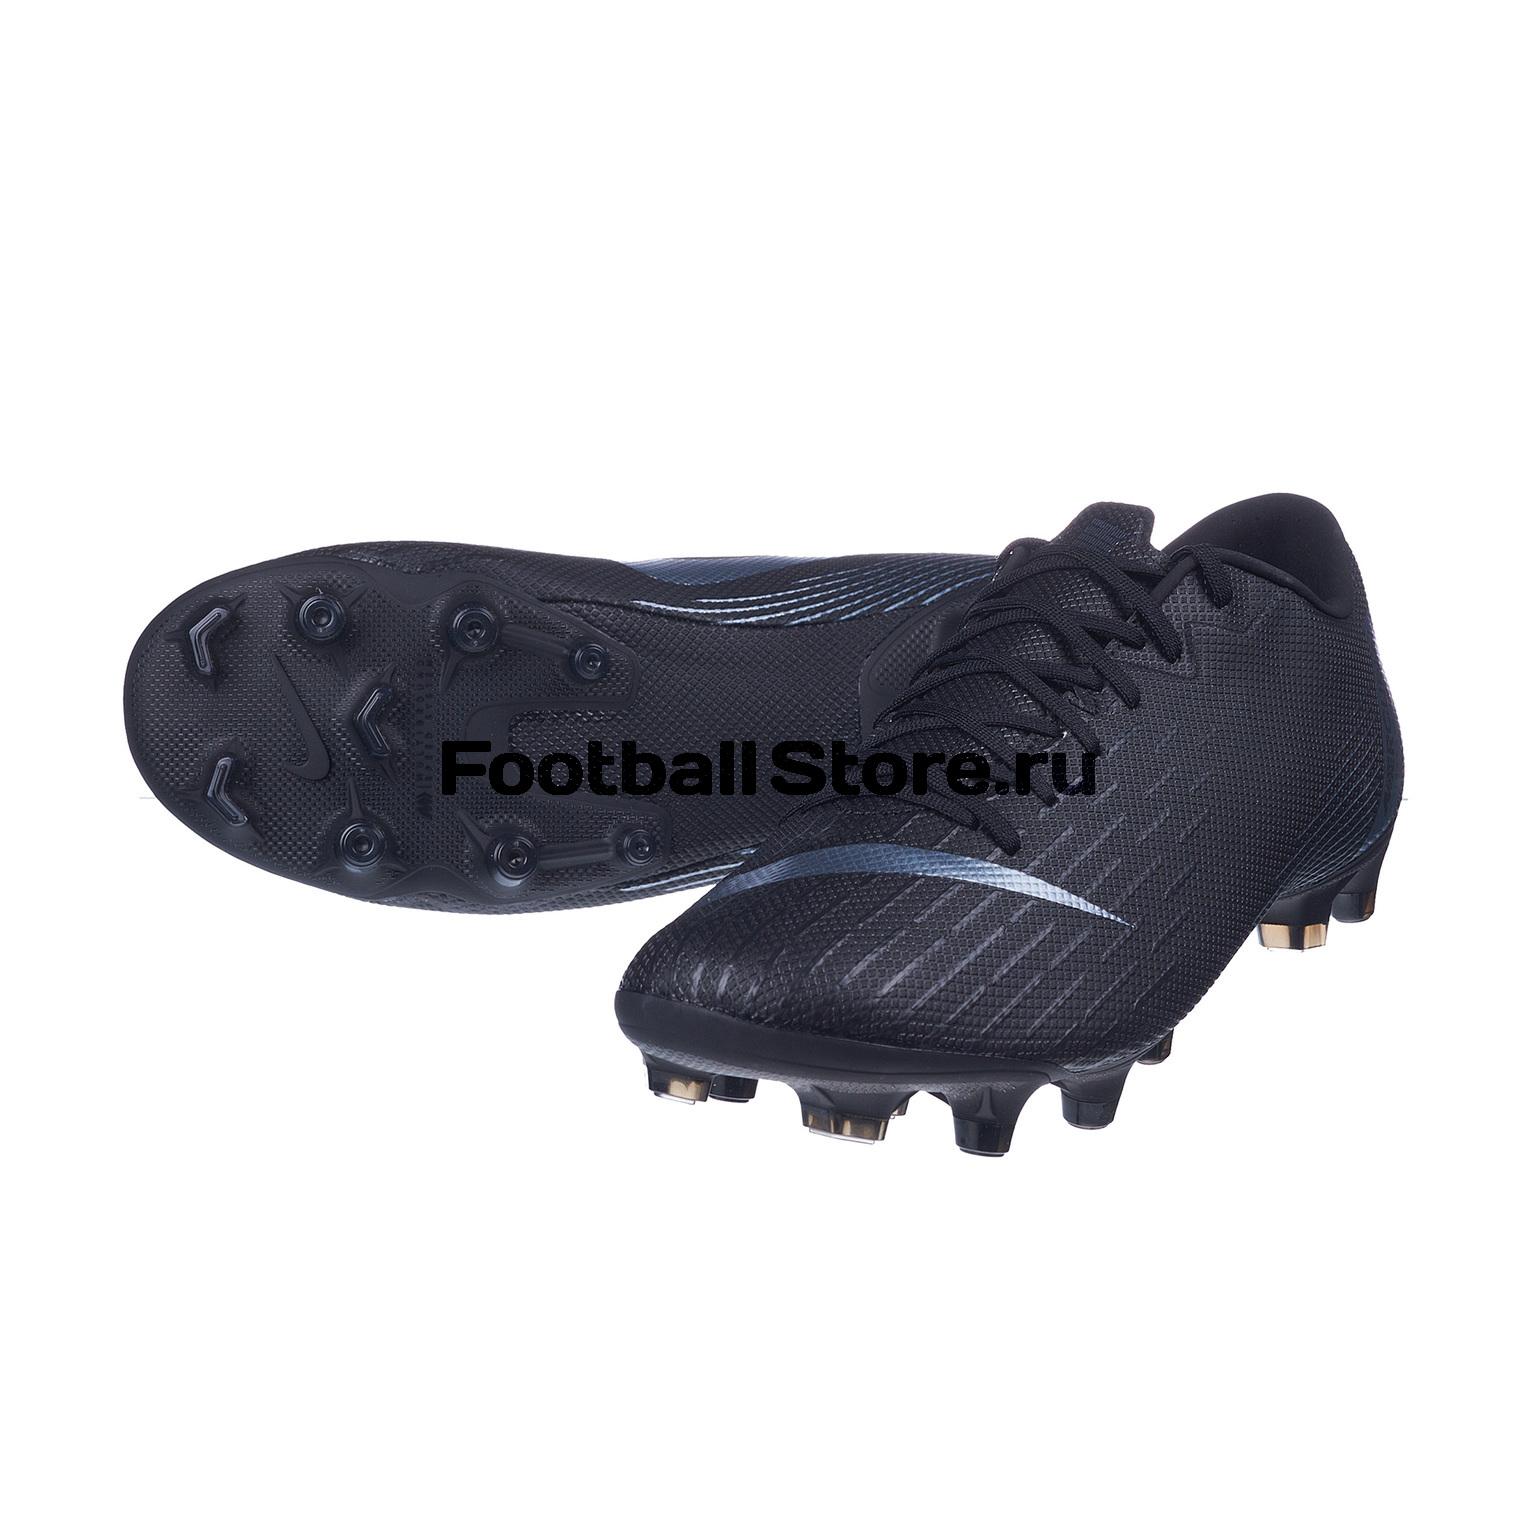 Бутсы Nike Vapor 12 Academy FG/MG AH7375-001 бутсы детские nike vapor 12 academy gs fg mg ah7347 060